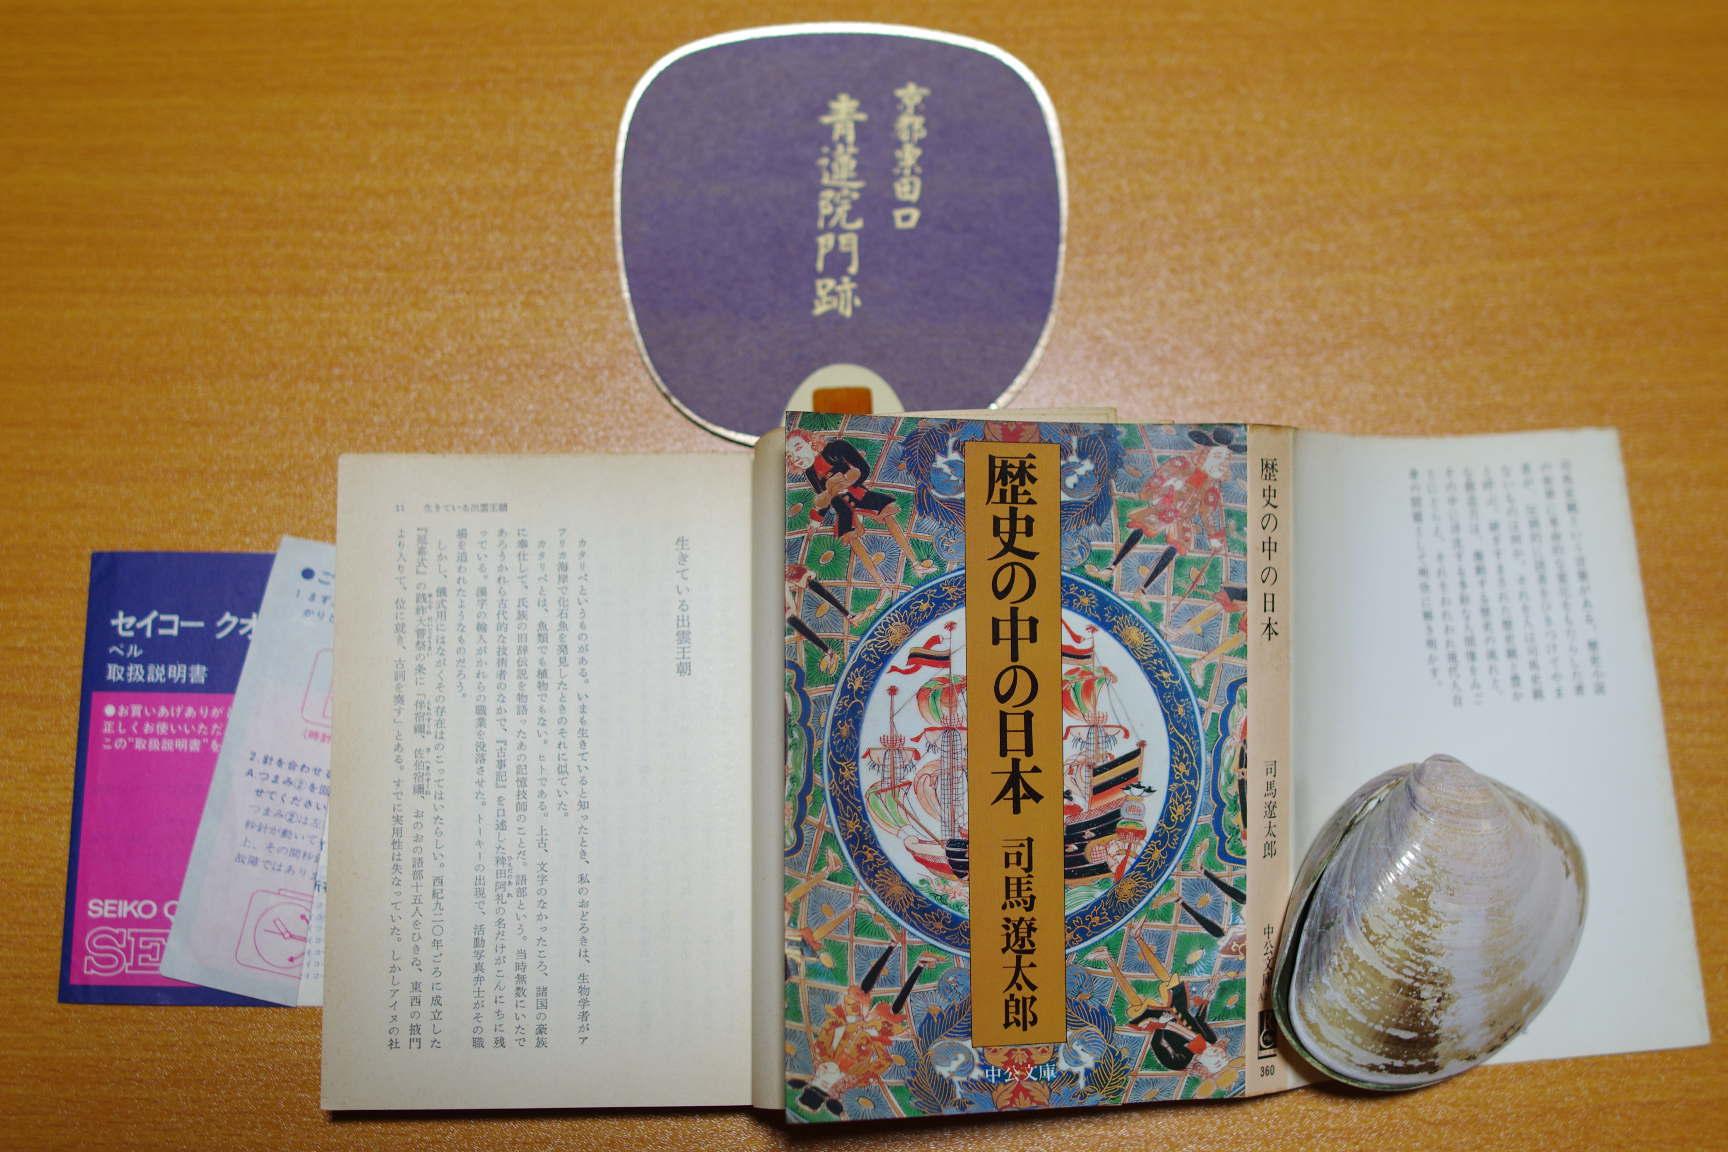 「歴史の中の日本」 司馬遼太郎 を読む_c0192503_0445993.jpg